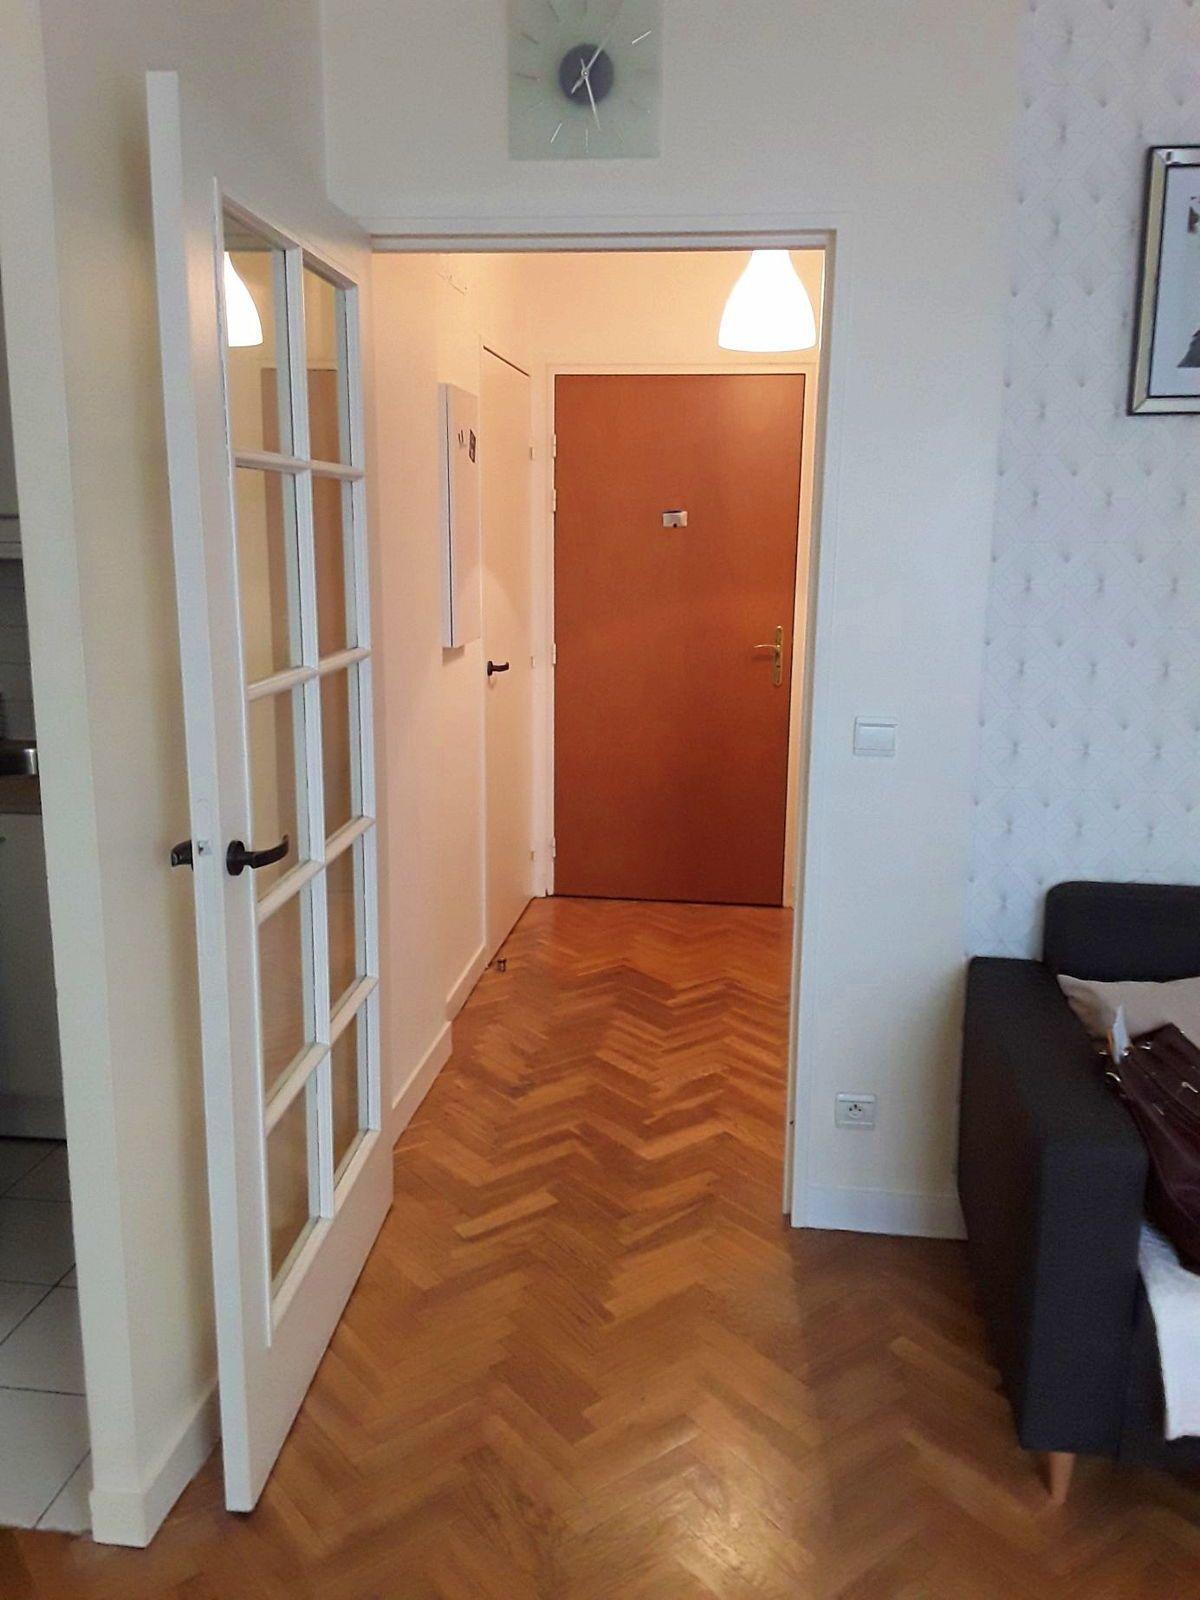 Loue Studio 28m² meublé - Levallois-Perret (92)